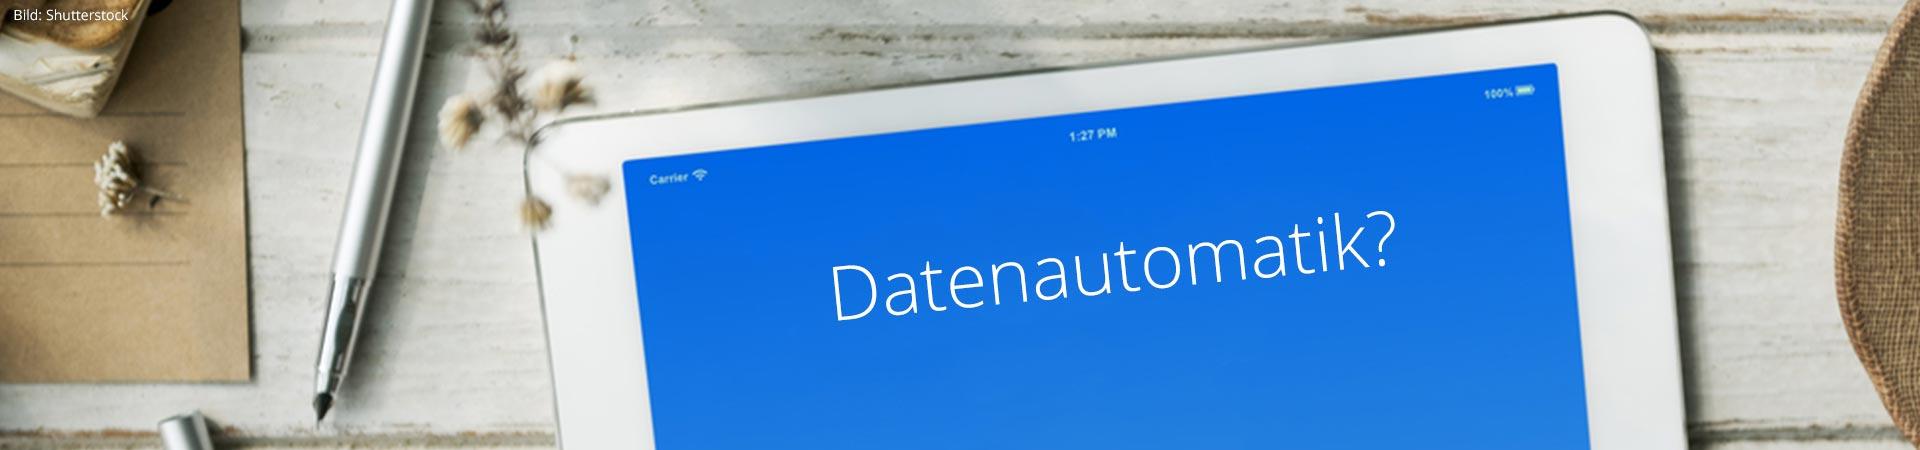 Wie aktiviert man Datenroaming auf dem Smartphone?